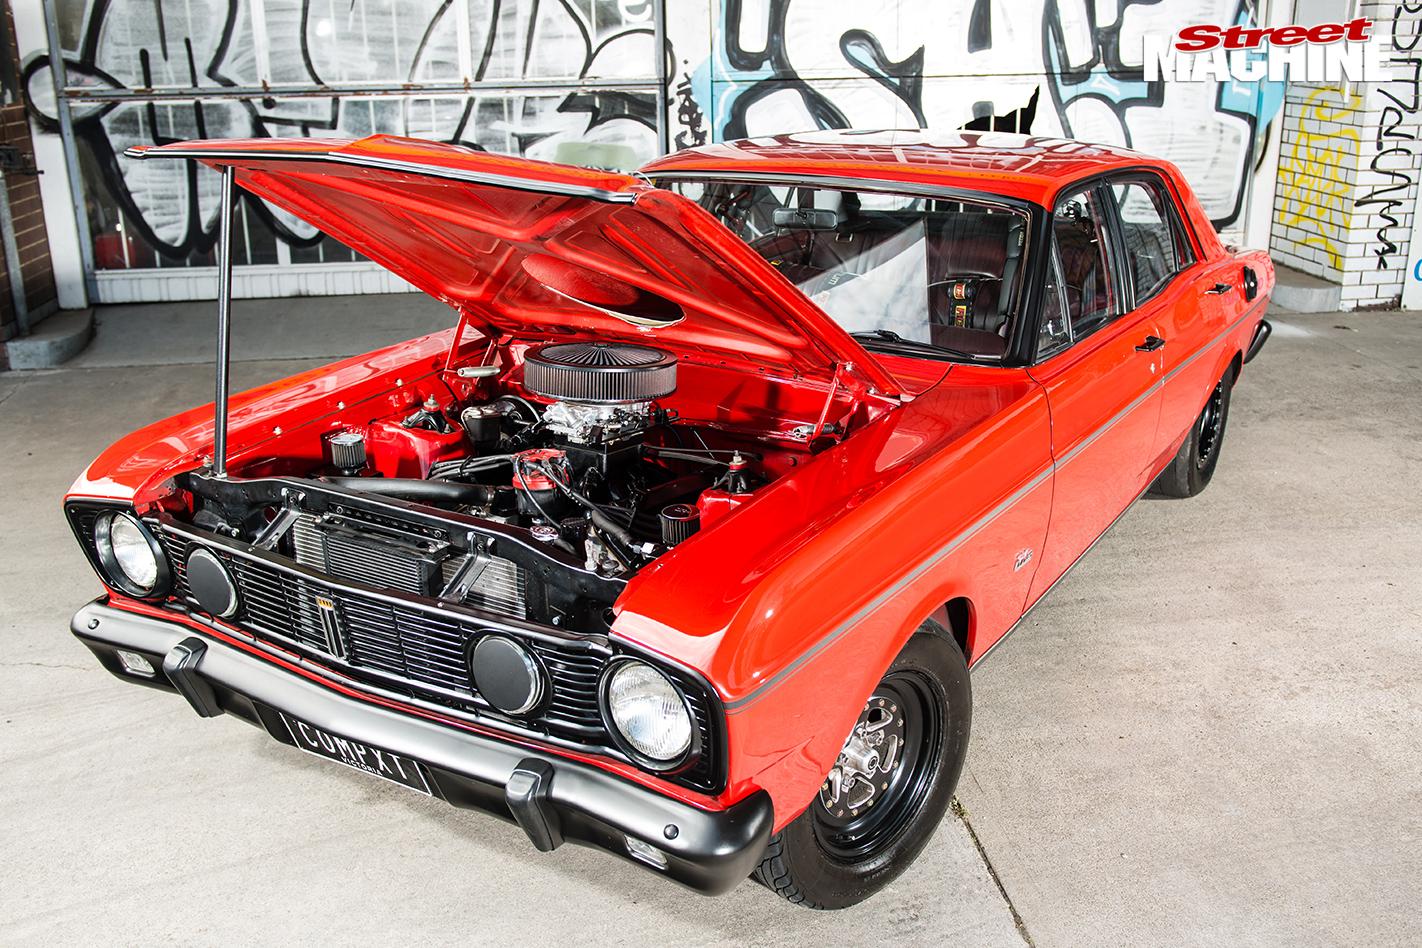 Ford -xt -falcon -bonnet -up